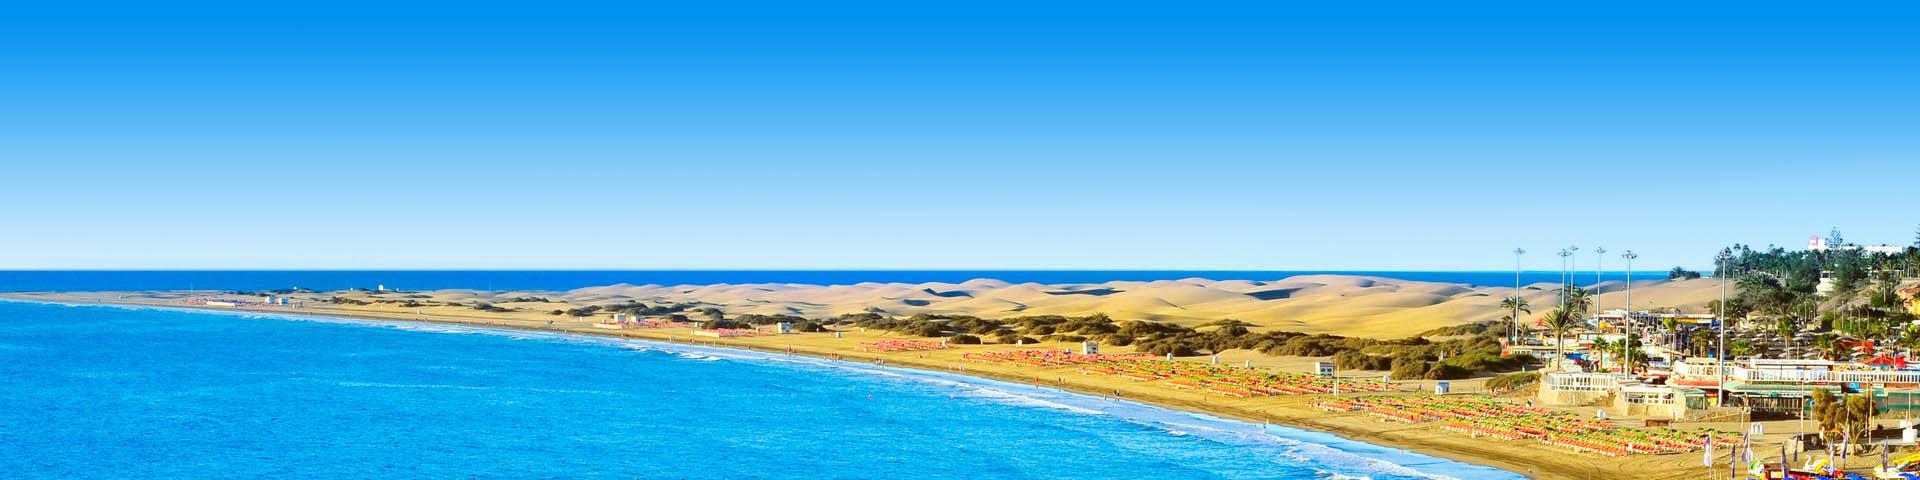 De blauwe ze en het gele strand in Playa del Inglés